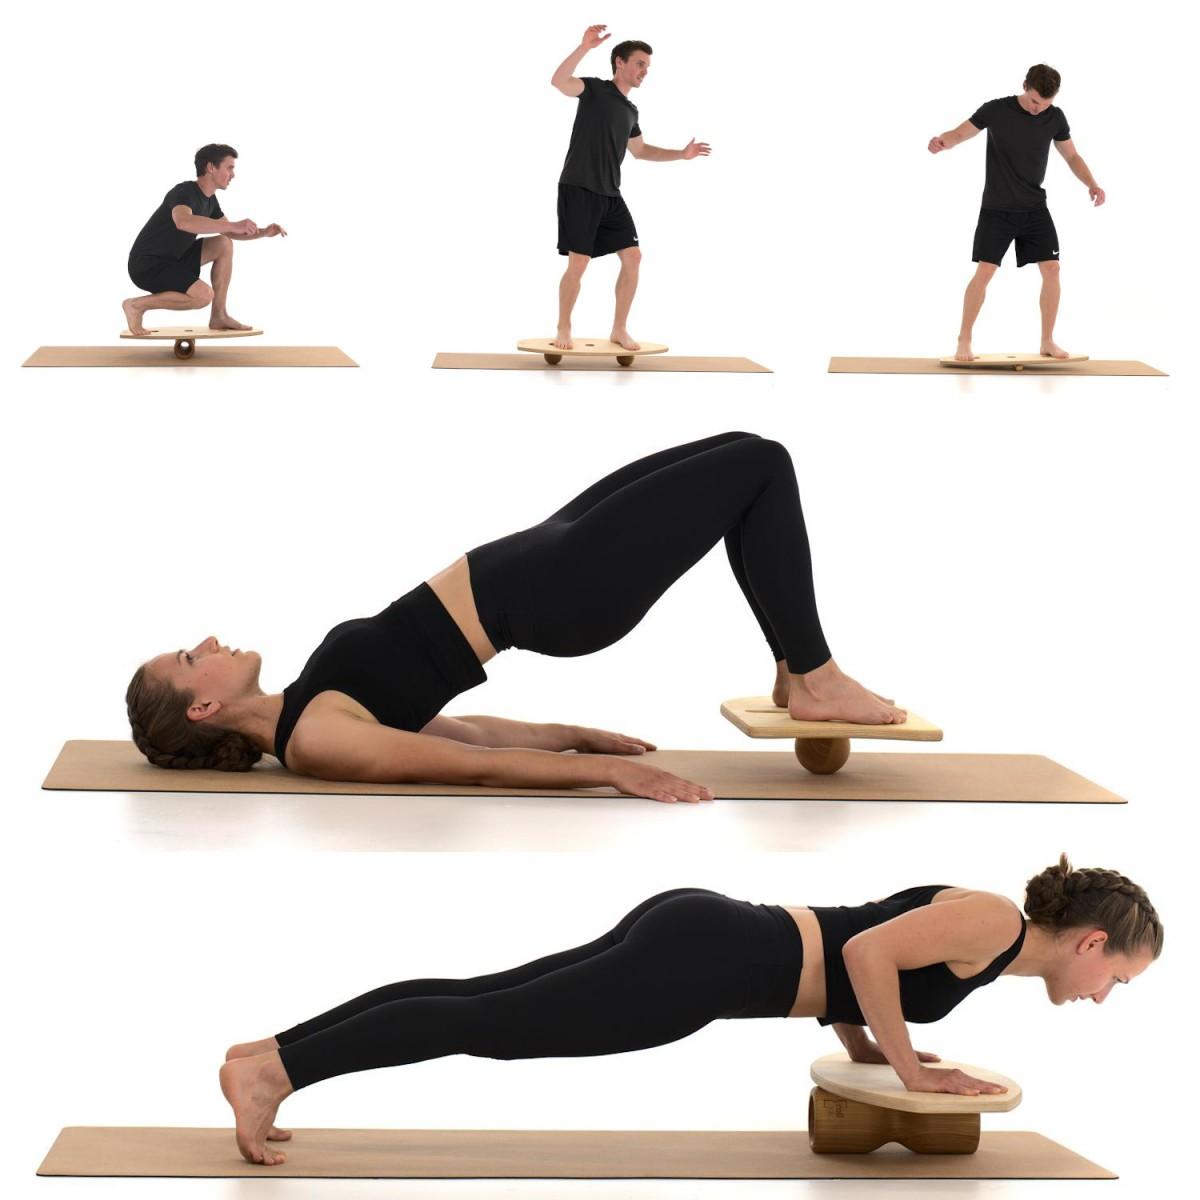 rollholz – Balanceboard zum Training für Gleichgewicht- & Koordinationsfähigkeit (Set groß   Buche)